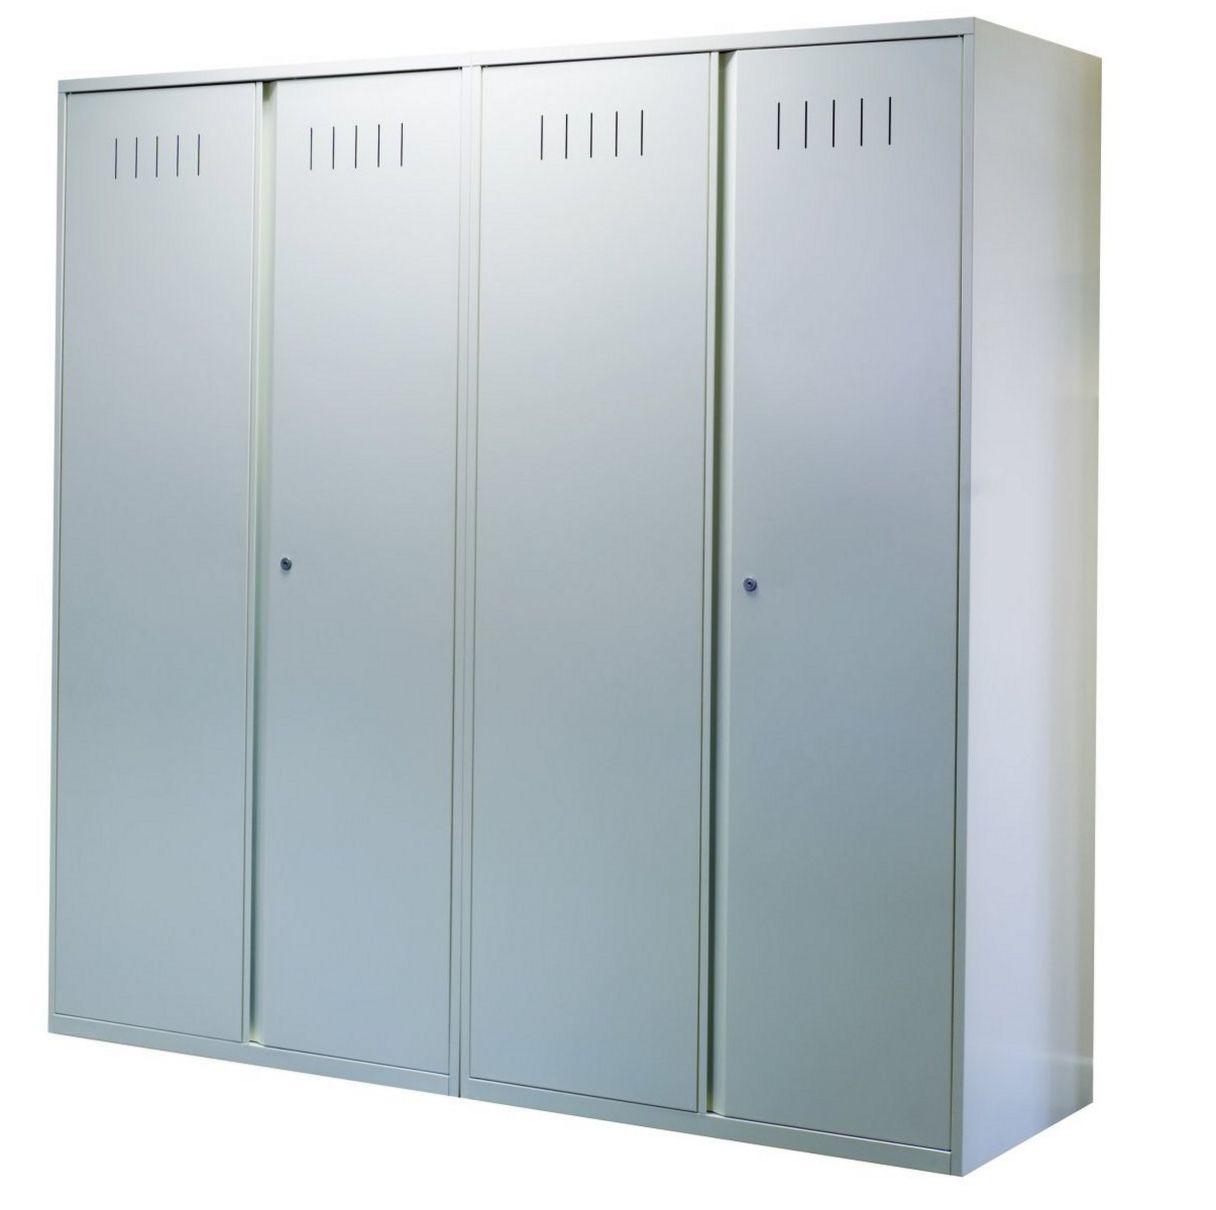 Garderoben-Stahlschrank Lüftungsschlitzen